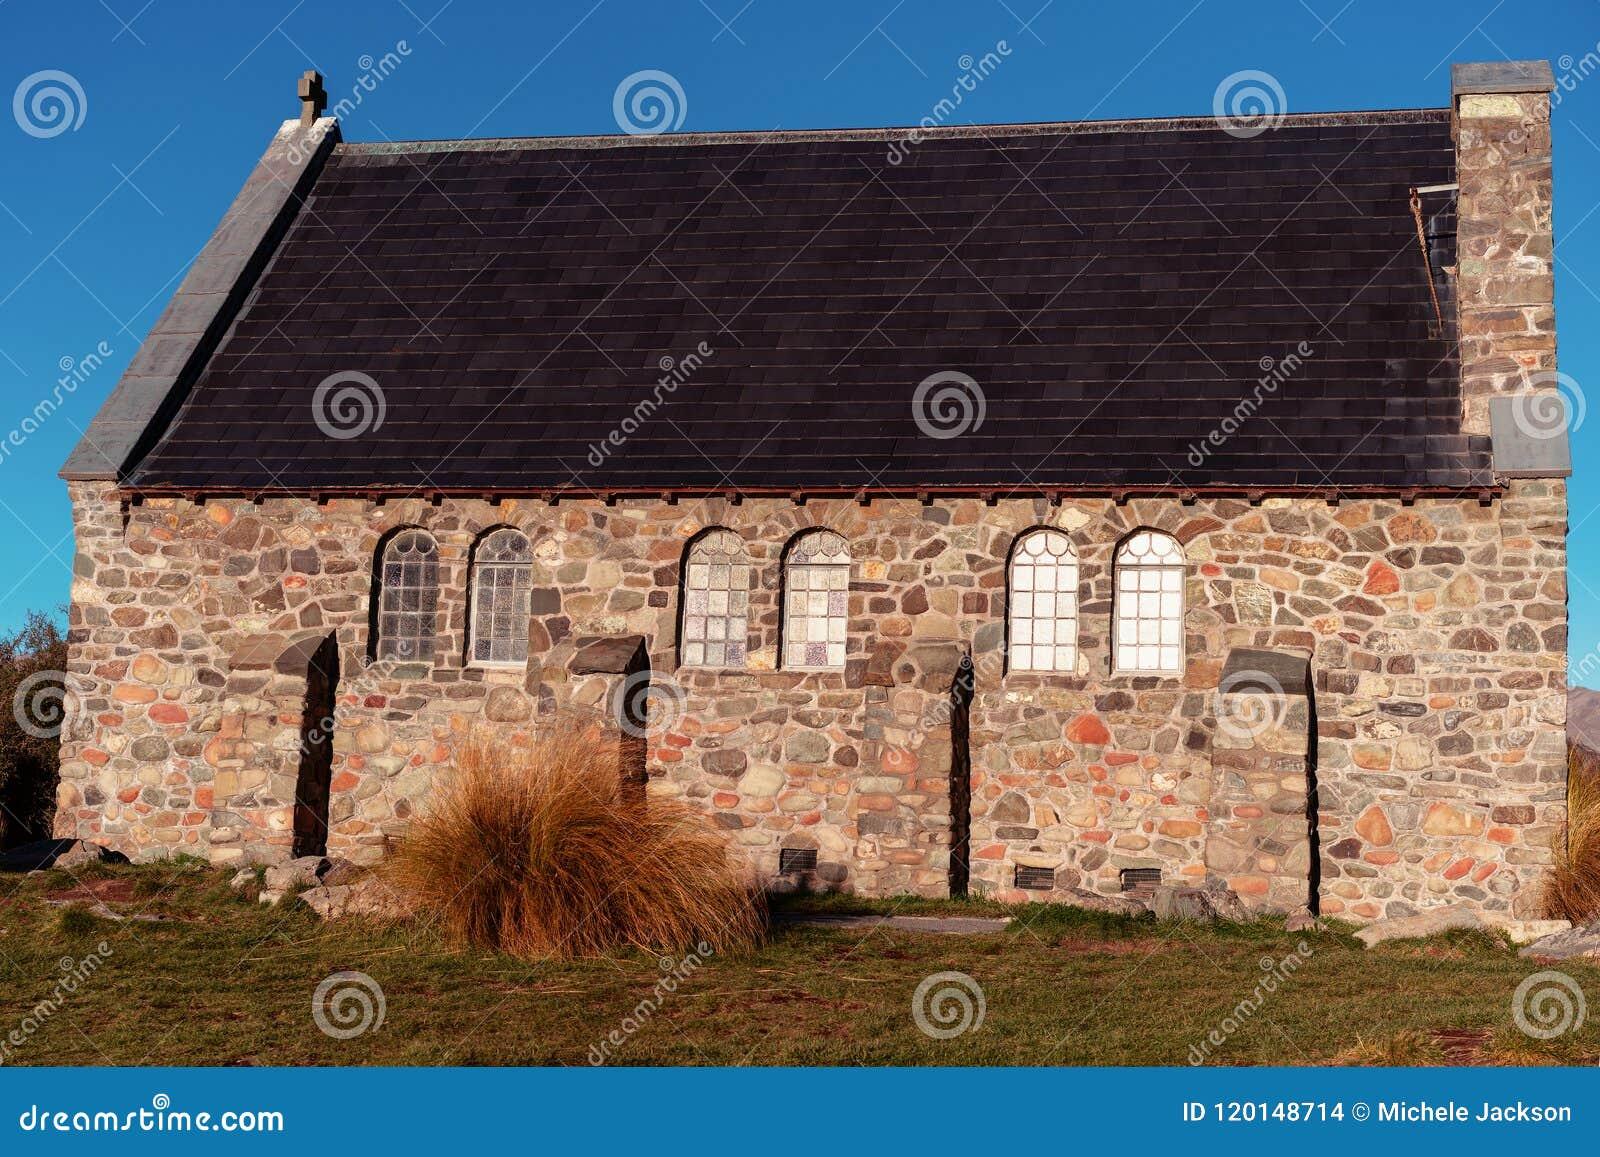 Η εκκλησία του καλού ποιμένα στη λίμνη Tekapo στη Νέα Ζηλανδία